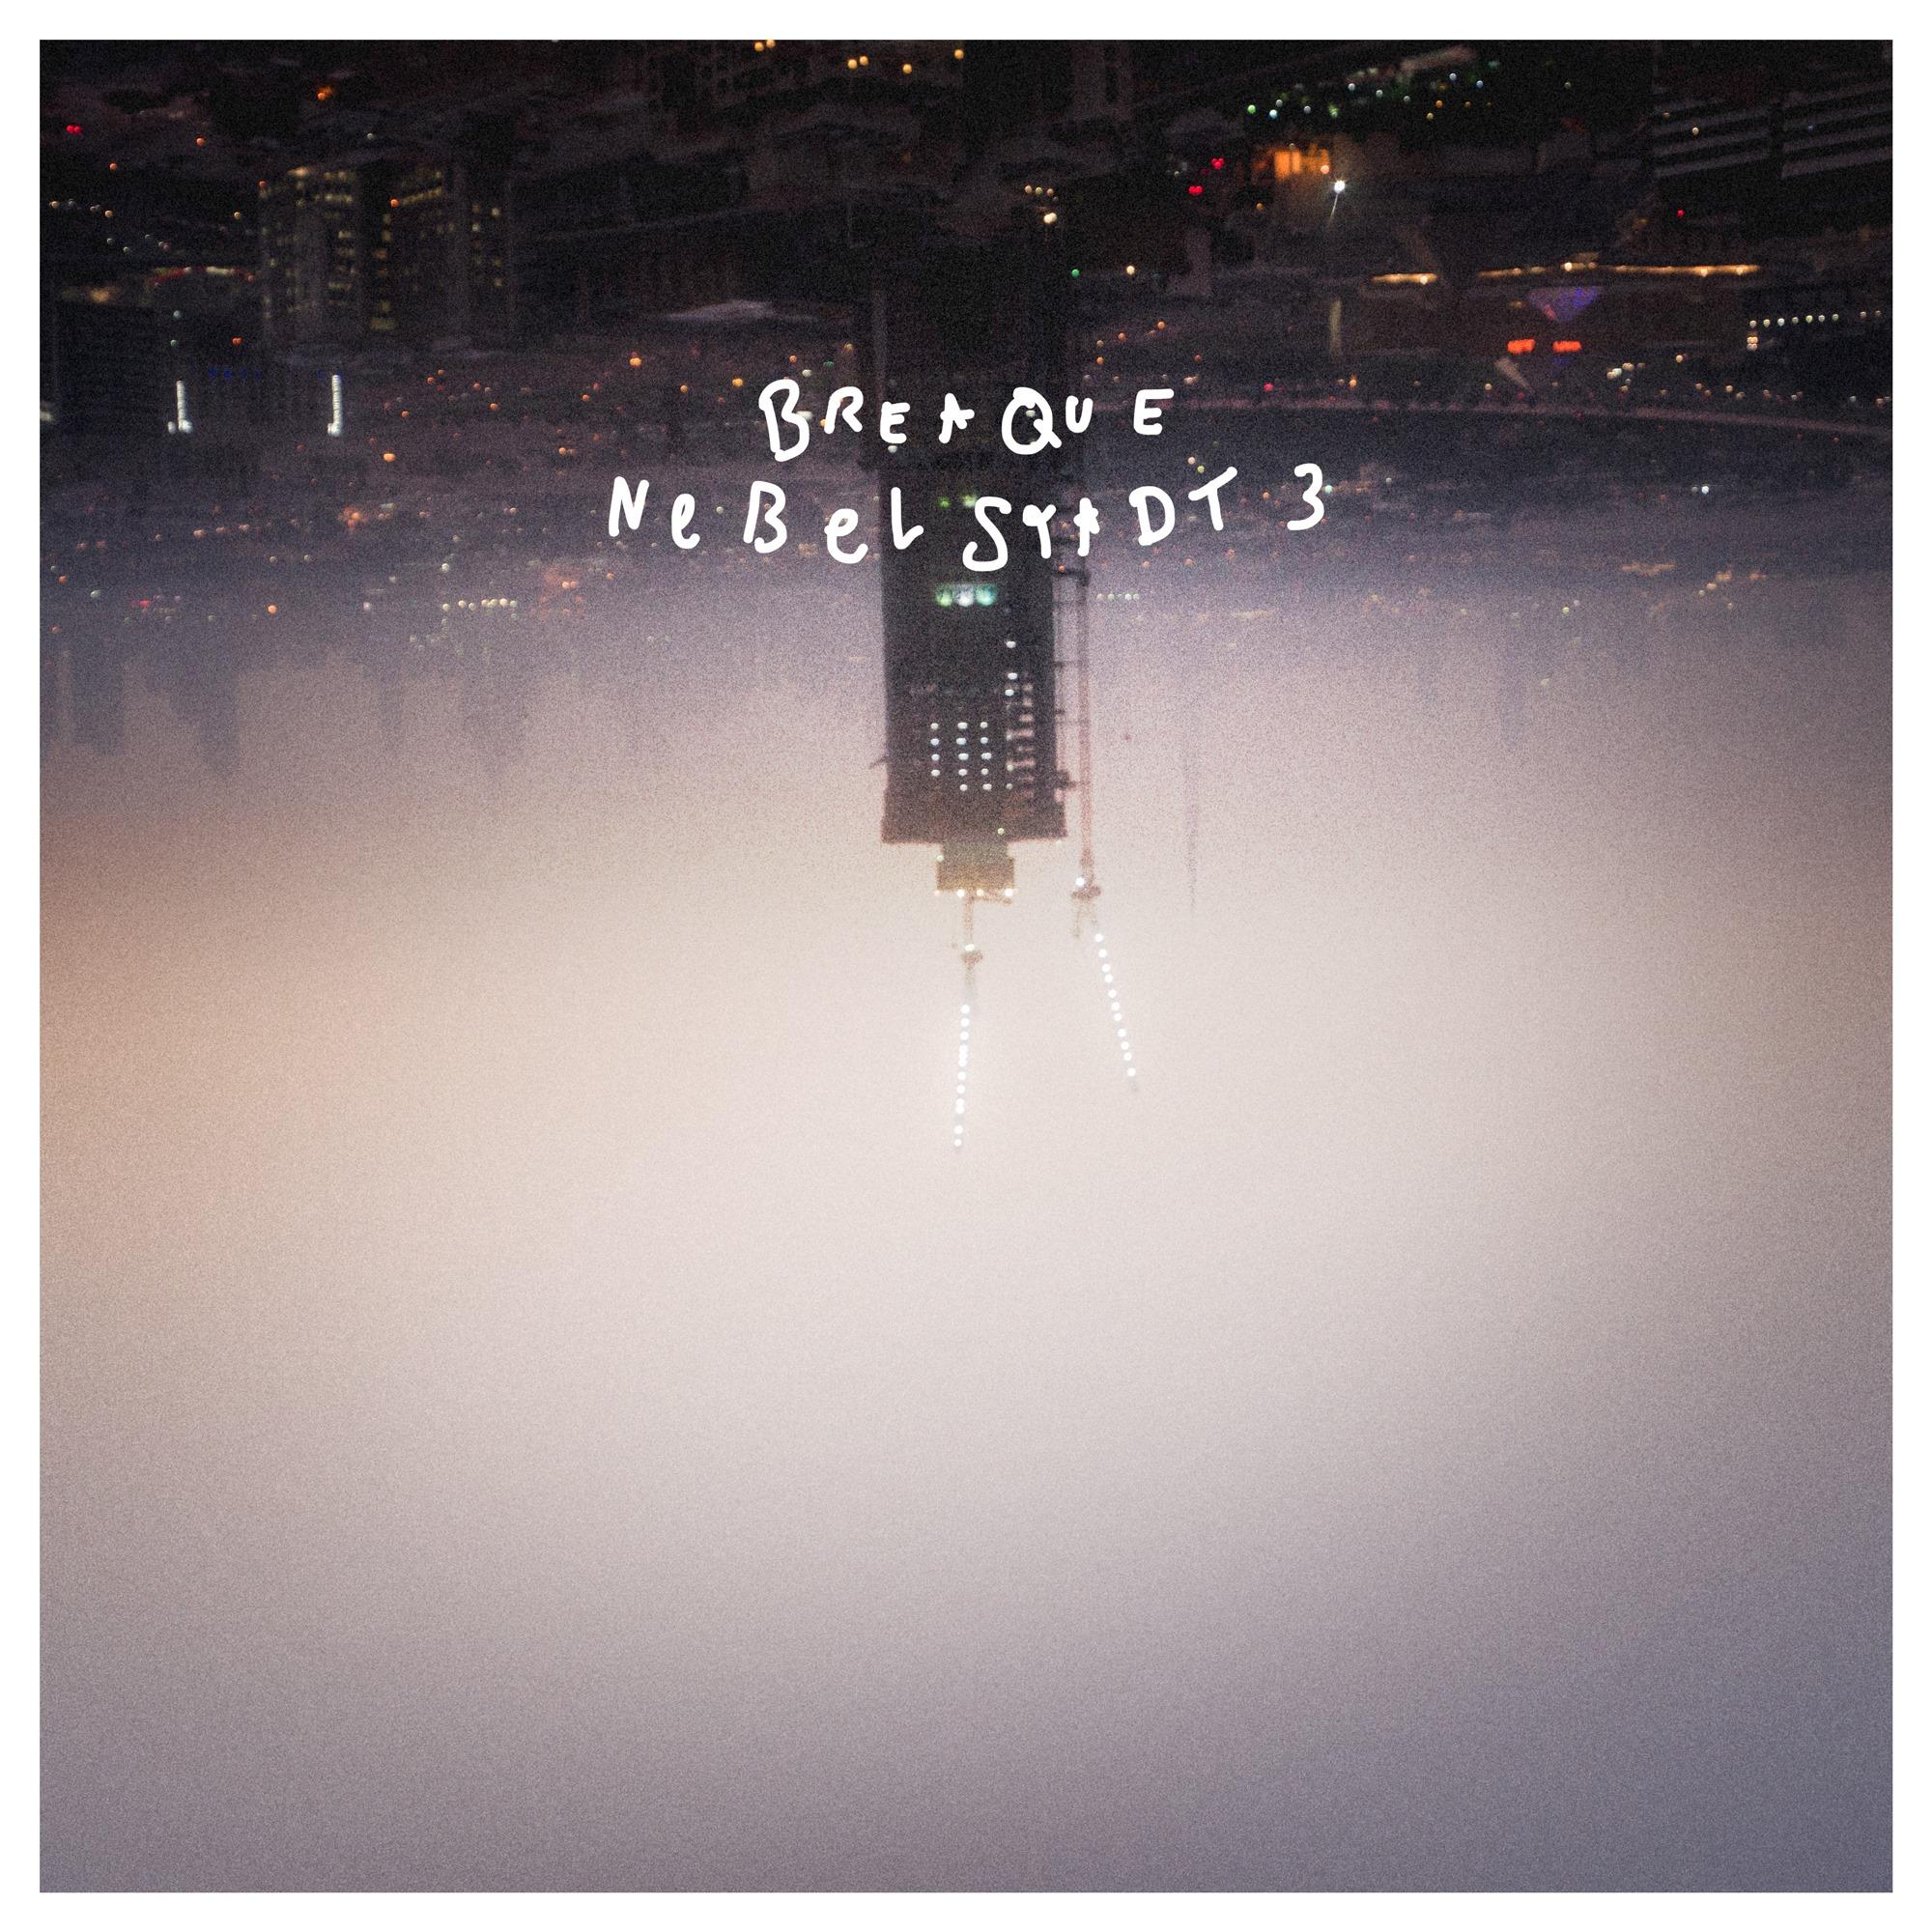 Der Soundtrack für deine verträumte Nacht: Nebelstadt 3 von Breaque